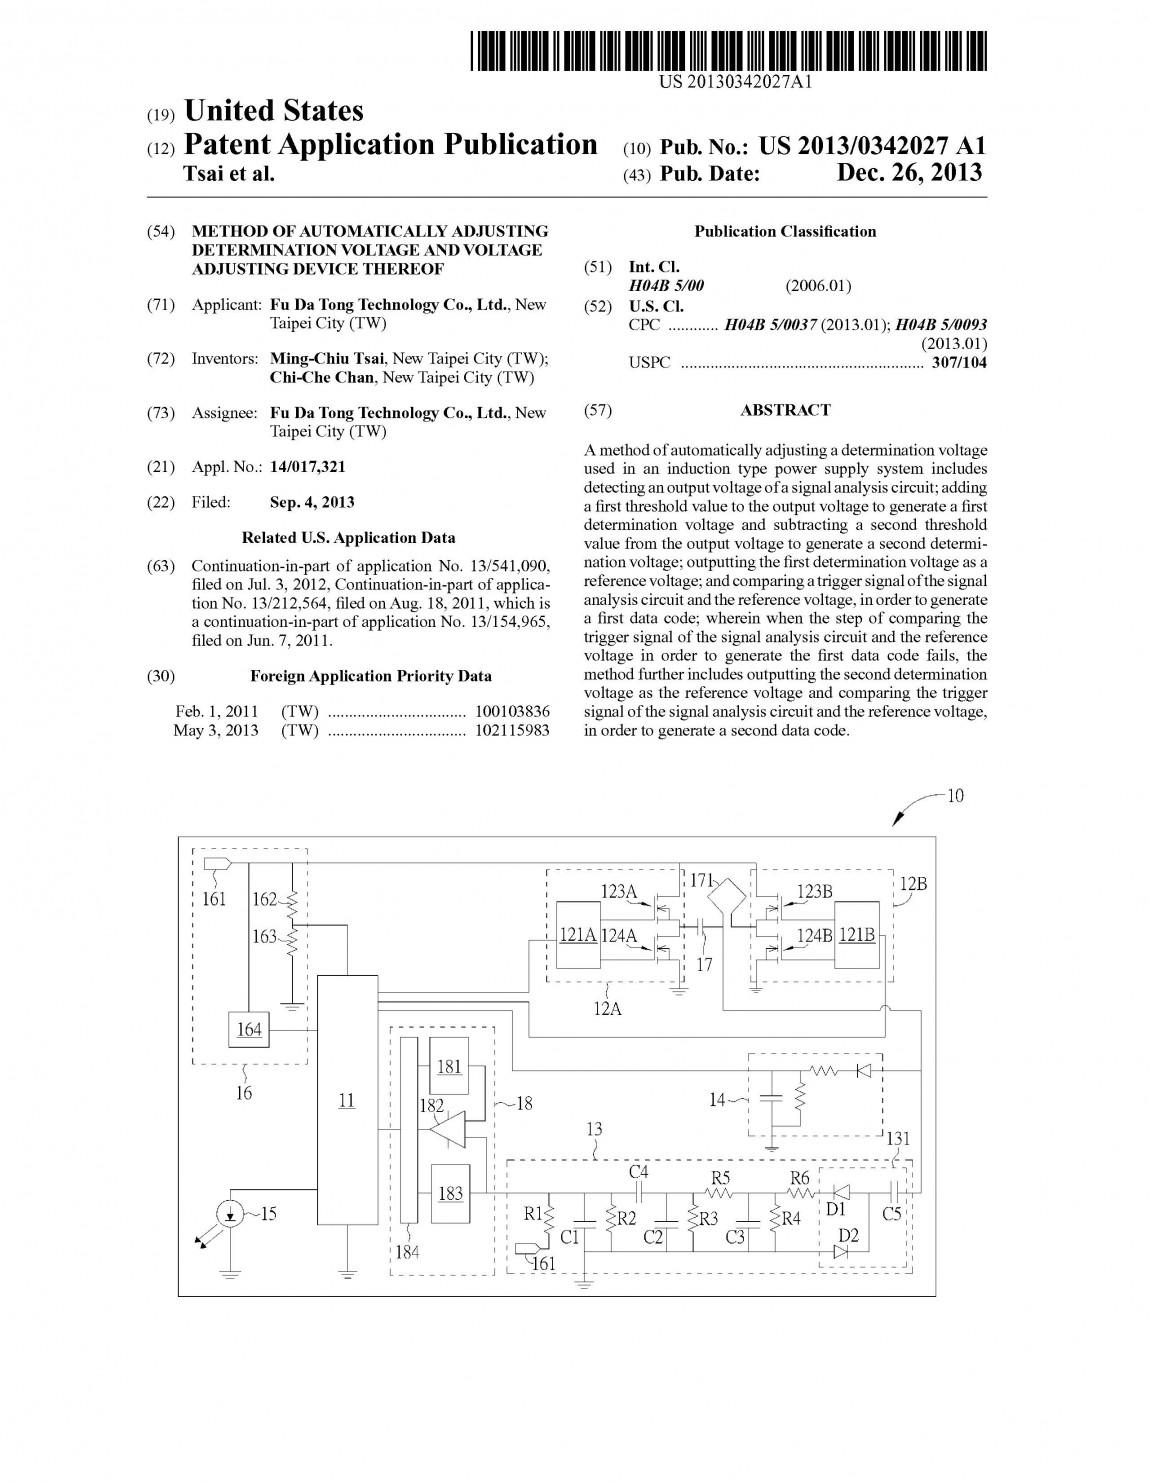 富達通專利17- Method of Automatically Adjusting Determination Voltage and Voltage Adjusting Device(美國)pat20130342027